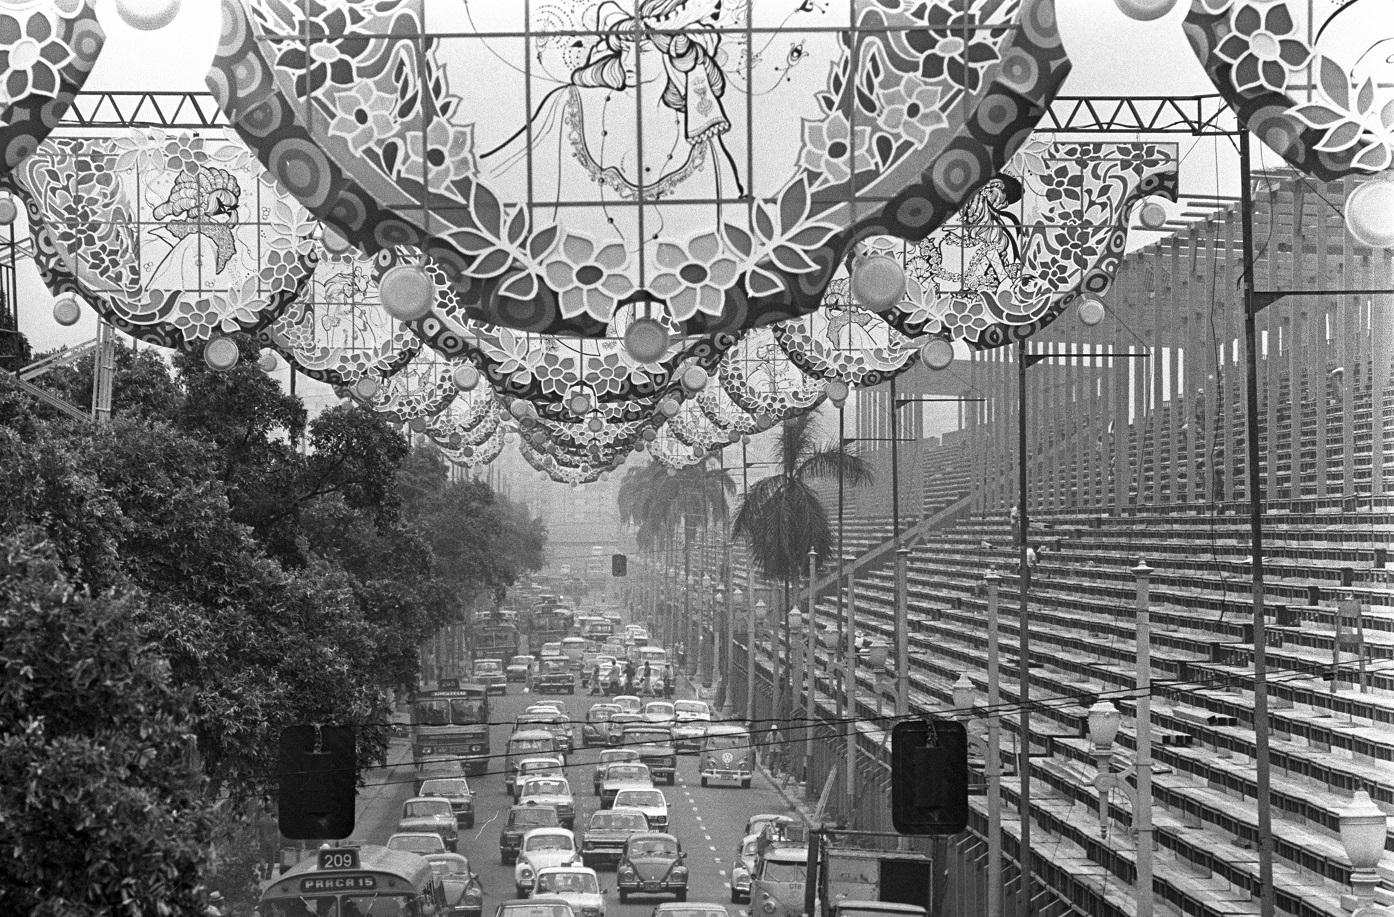 A Presidente Vargas. no Carnaval, em 1976: fim da tradição de colorir as ruas da cidade. Foto Arquivo / Agência O Globo